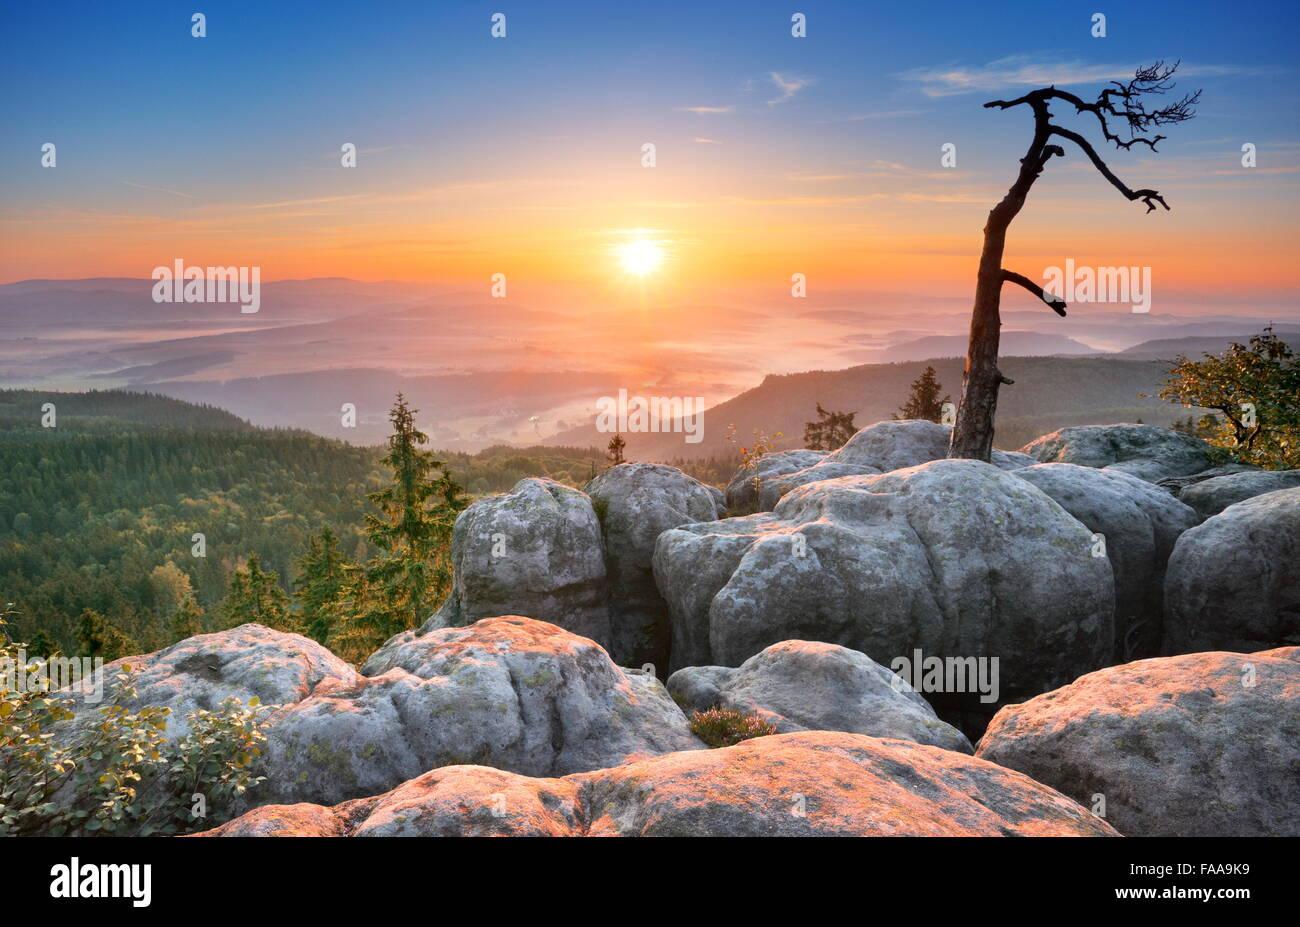 Einzelne allein Baumlandschaft in Sudeten bei Sonnenaufgang, Nationalpark, Polen Stockbild